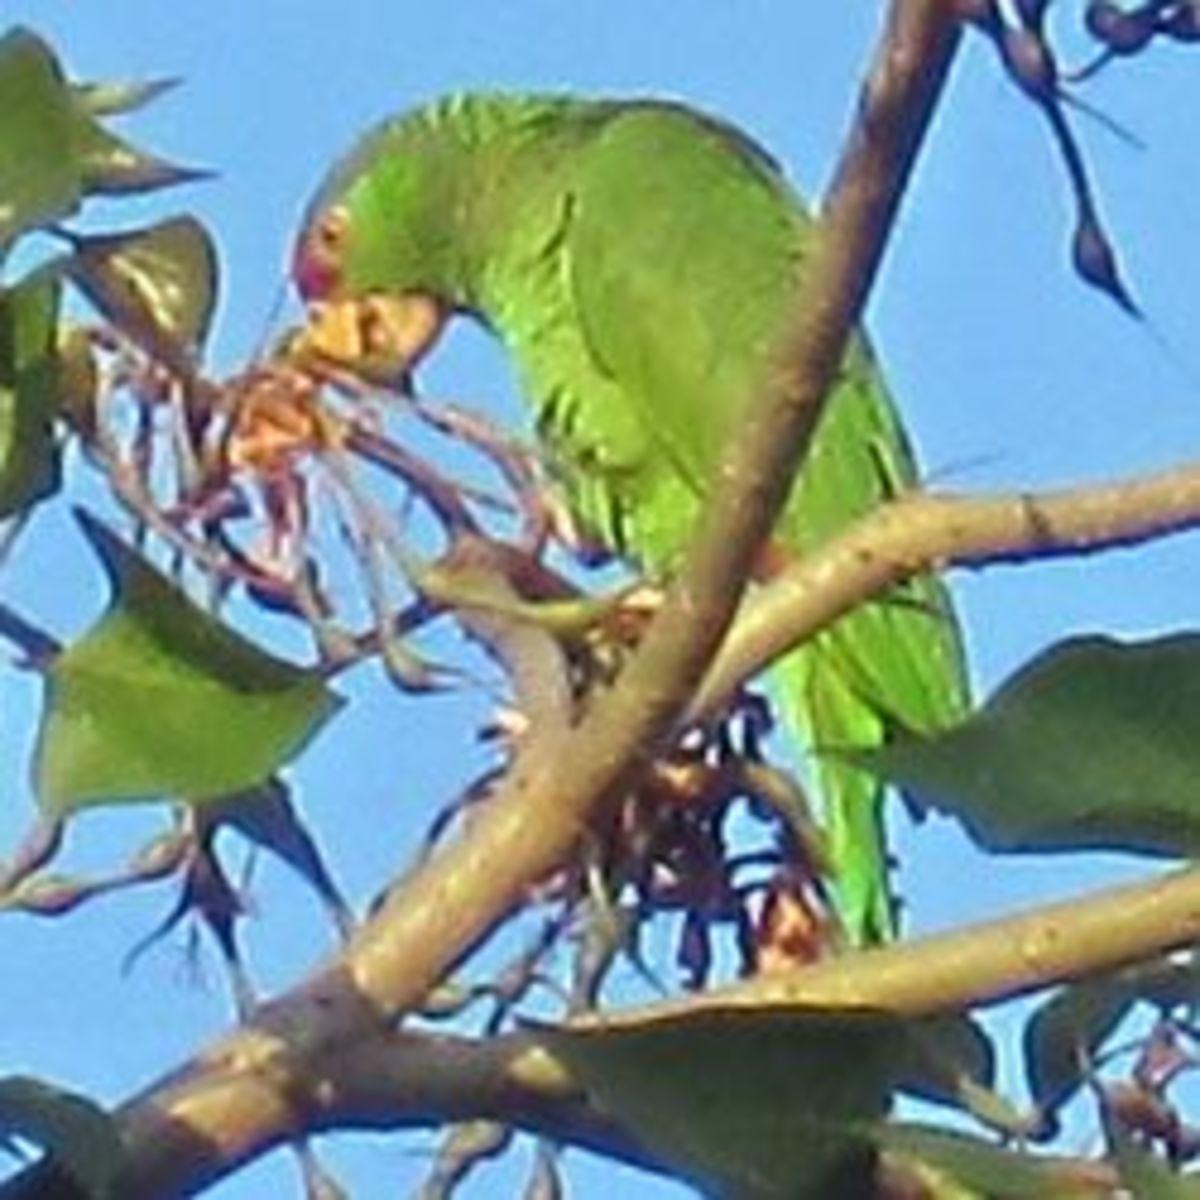 wild-parrots-california